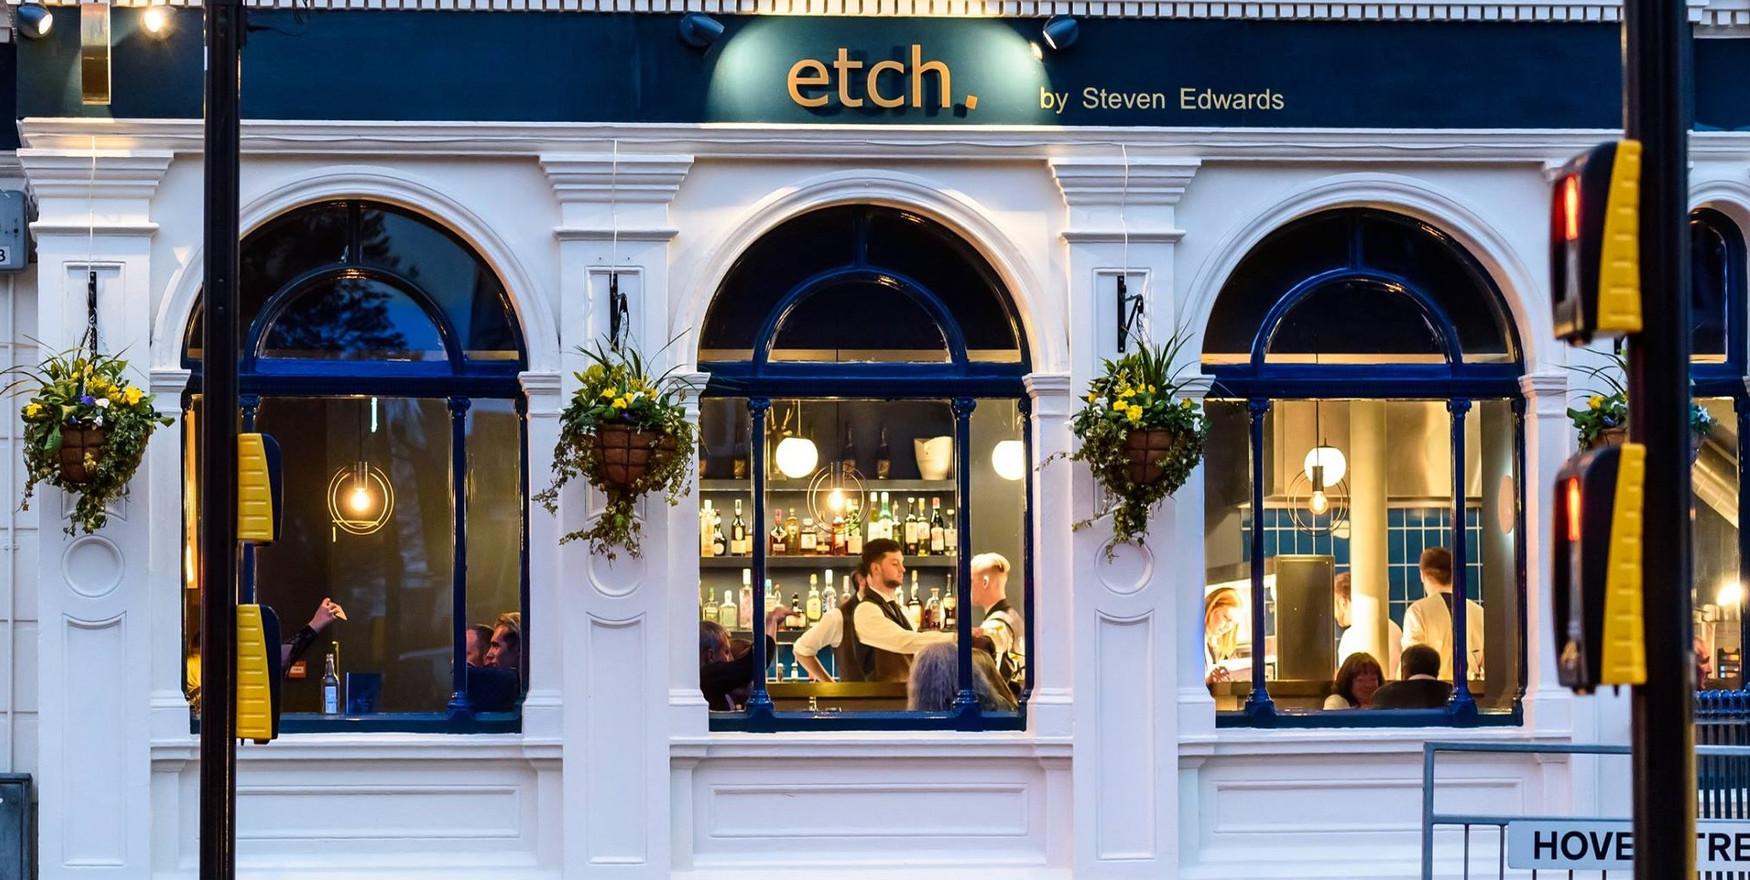 Etch. by Steven Edwards